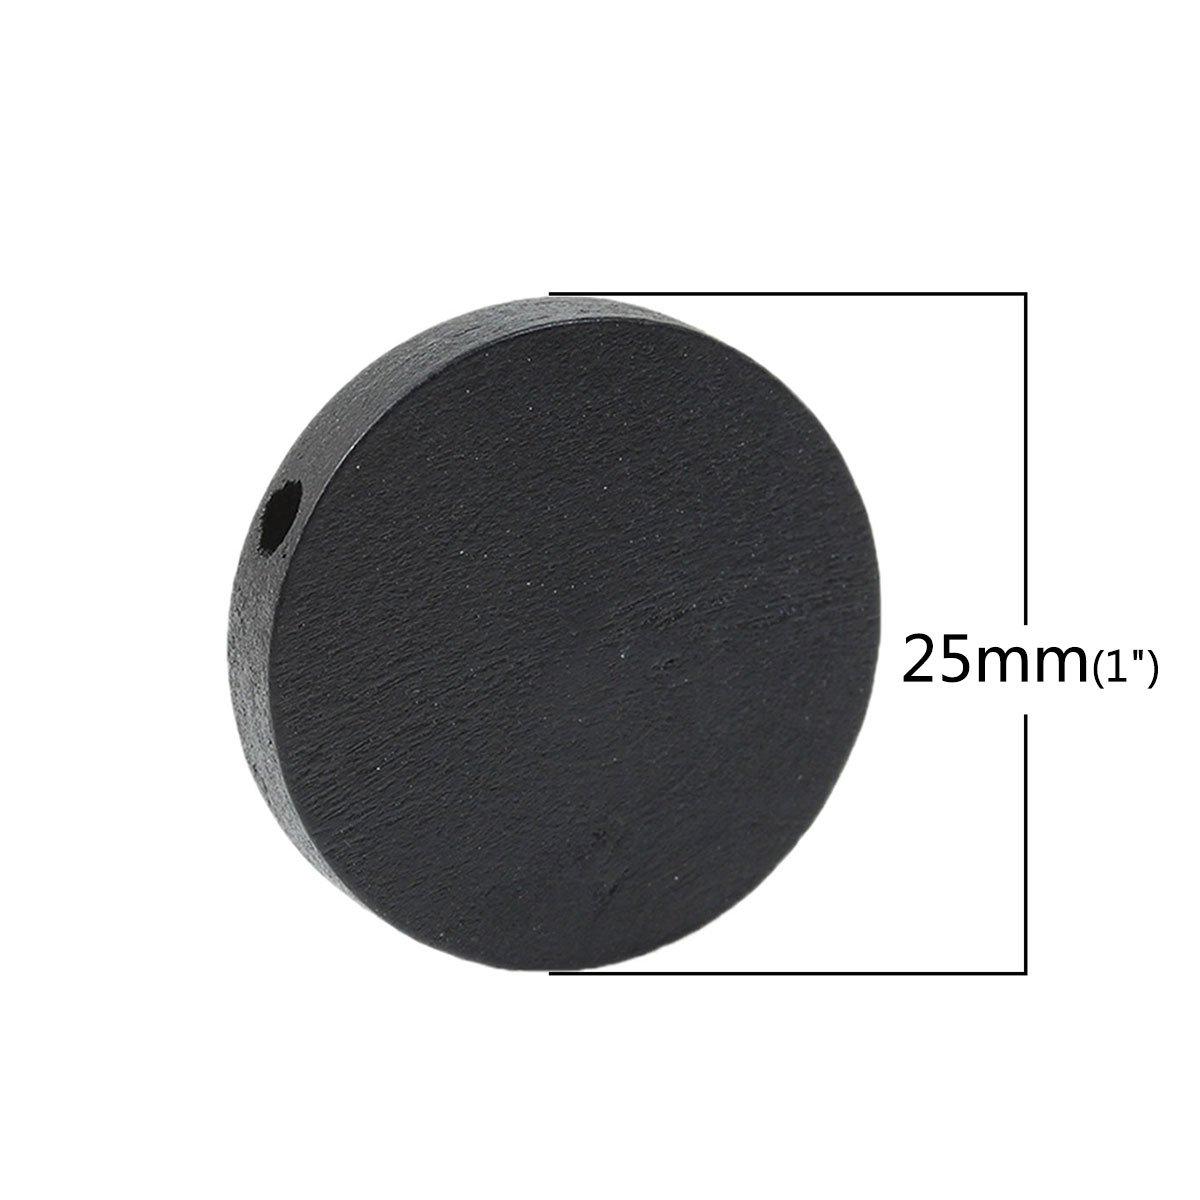 50 Pezzi Perline di Legno da 25 mm con Foro da 2,3 mm Colore: Nero SiAura